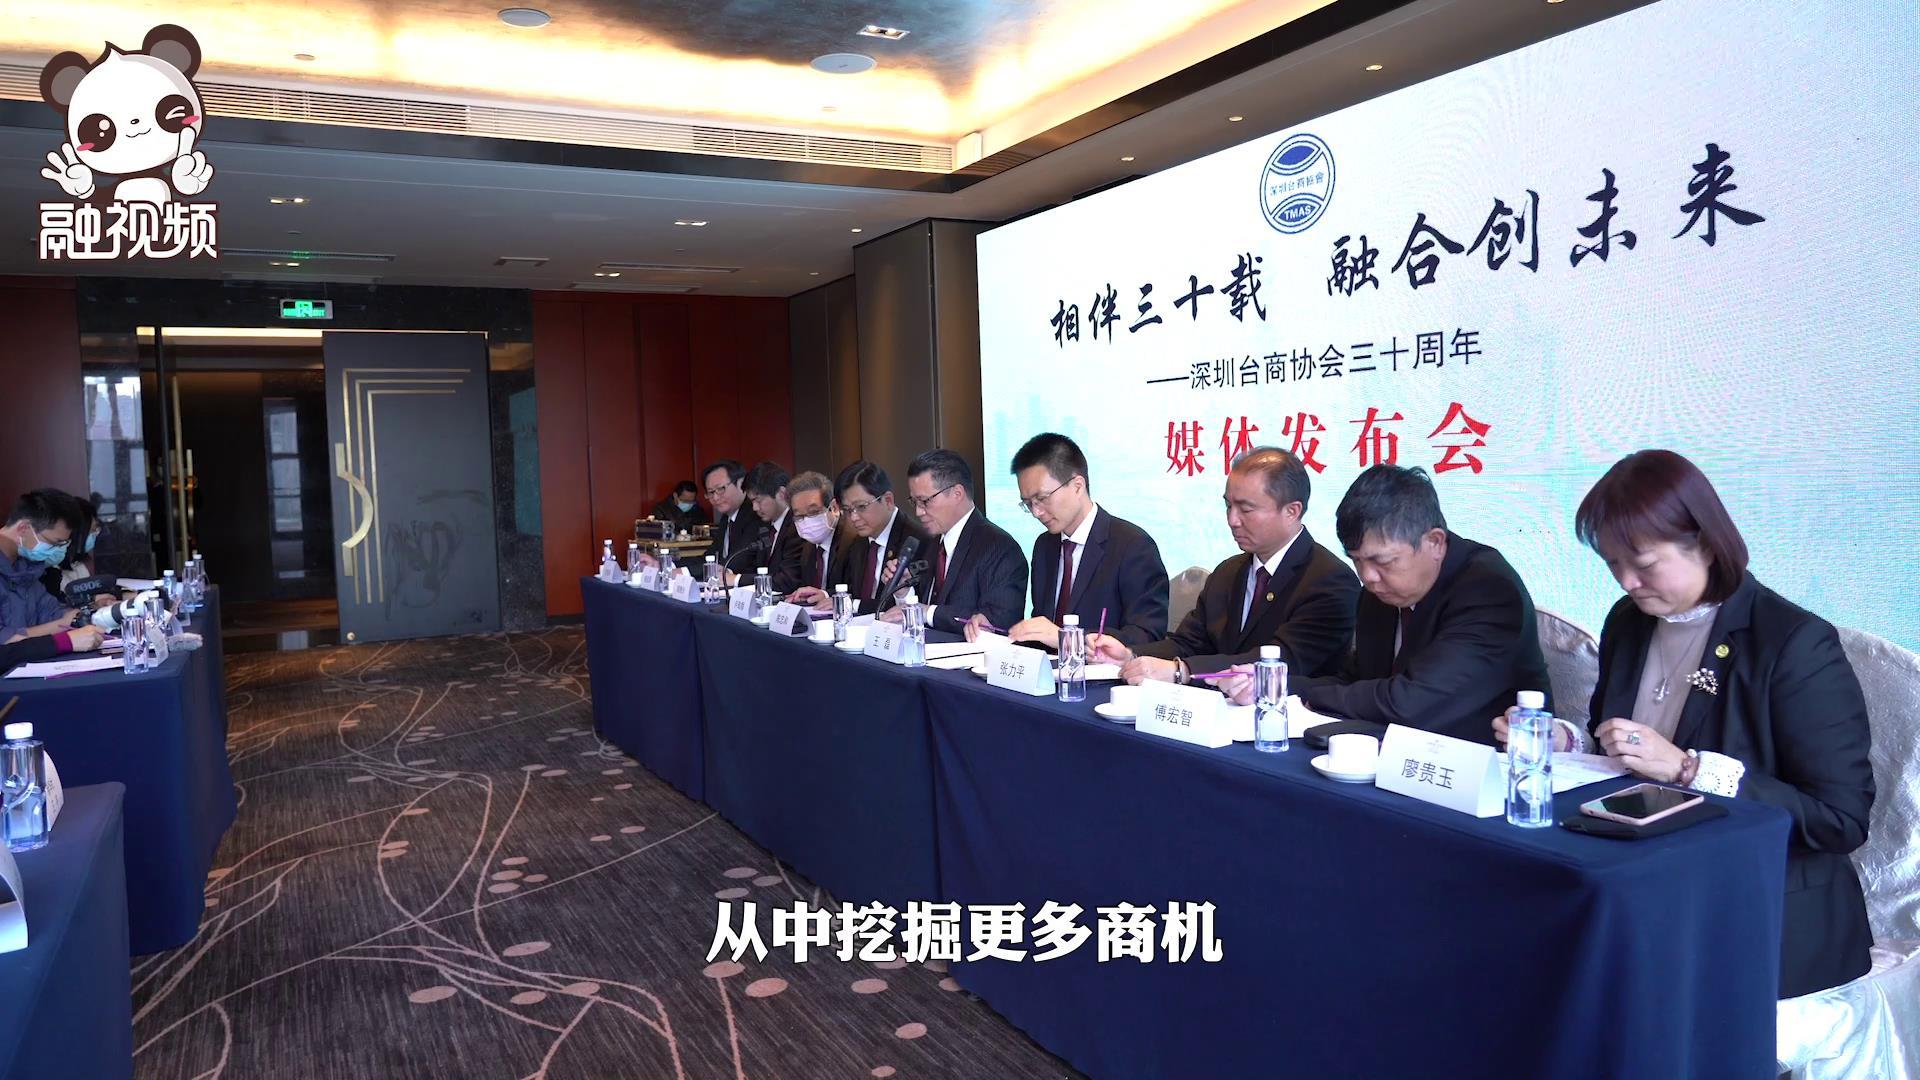 深圳臺商協會以網絡創新方式慶祝成立30周年圖片